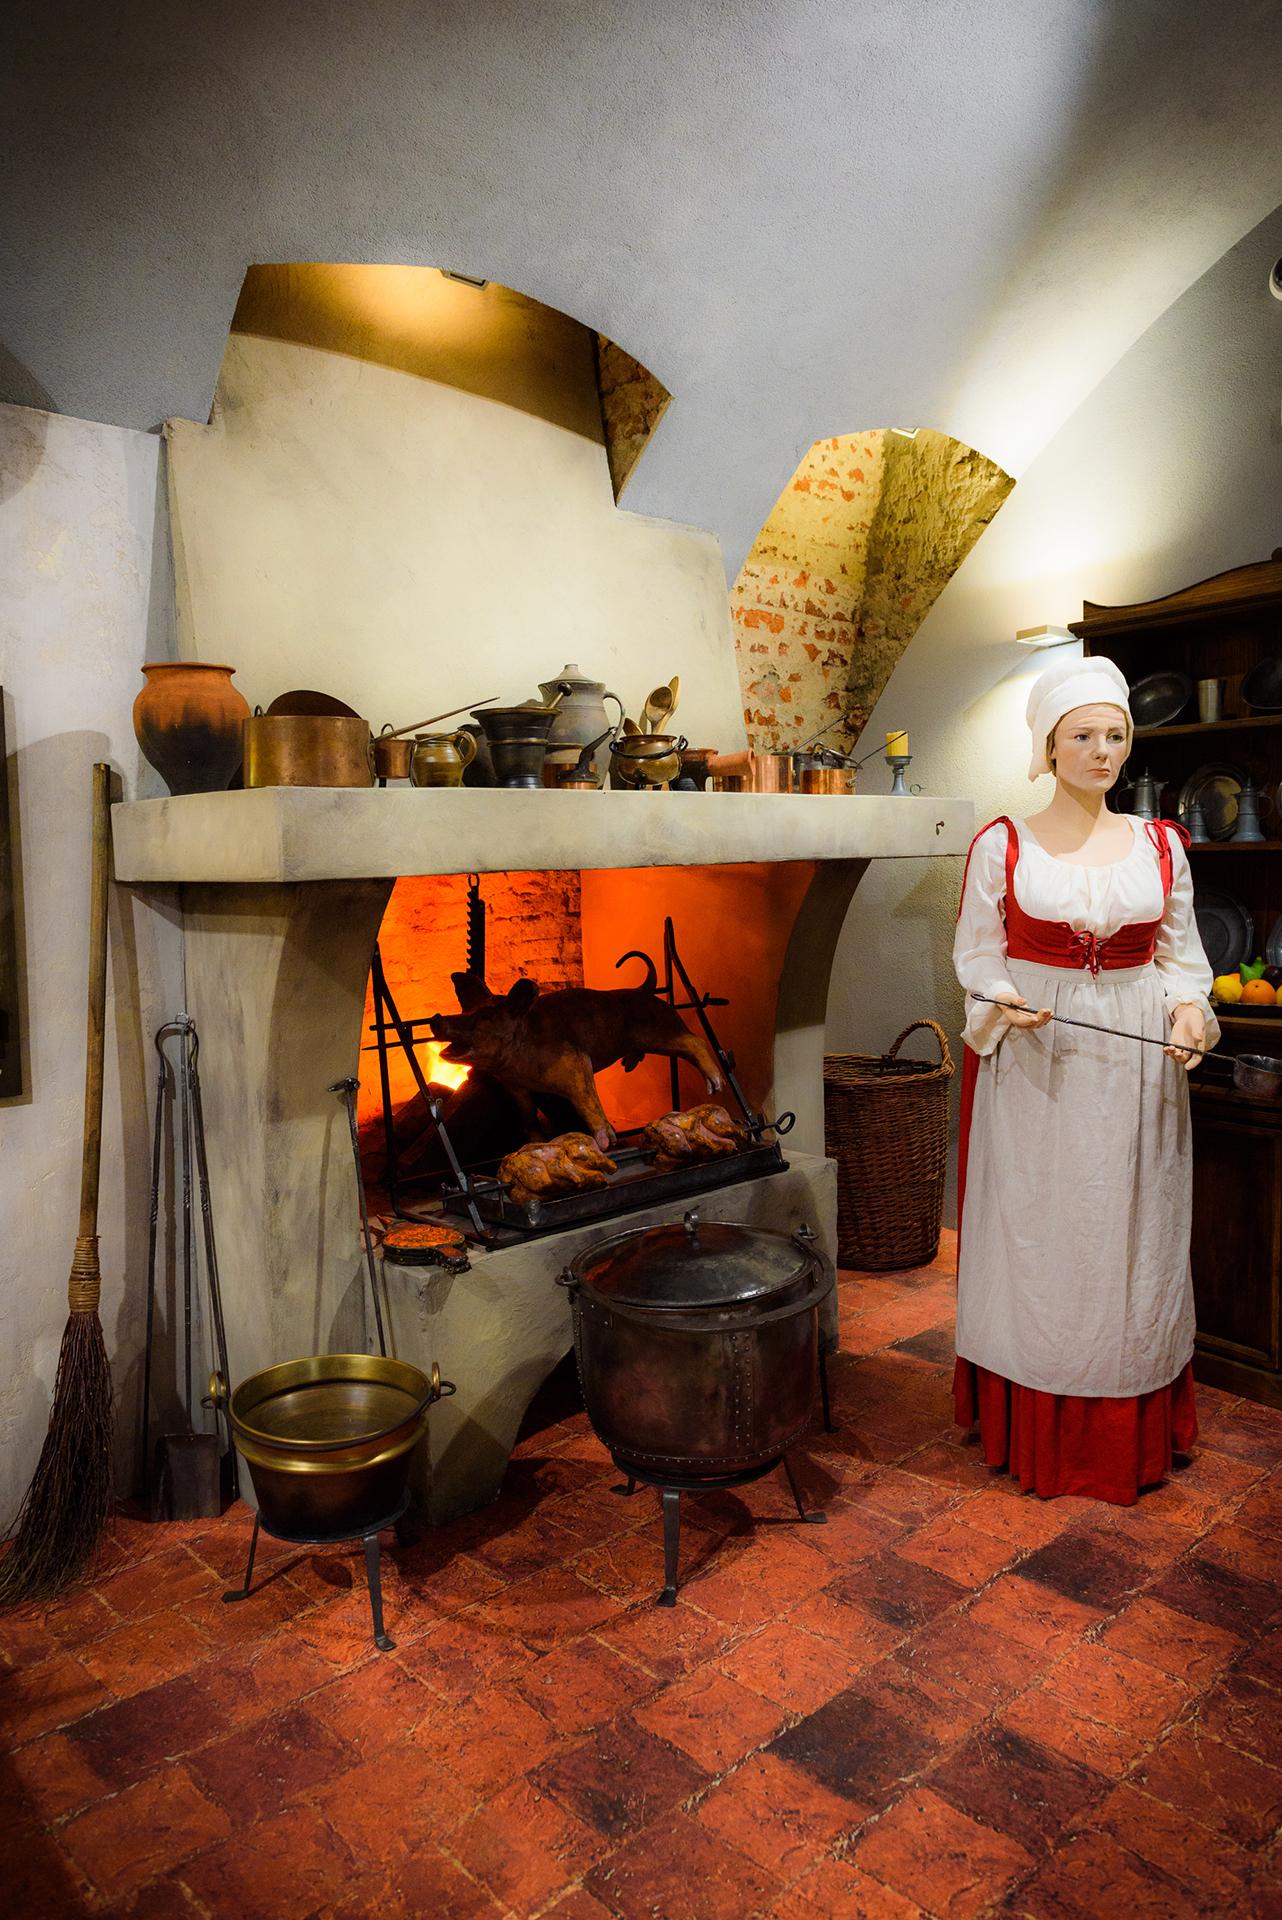 Kuchnia mieszczańska